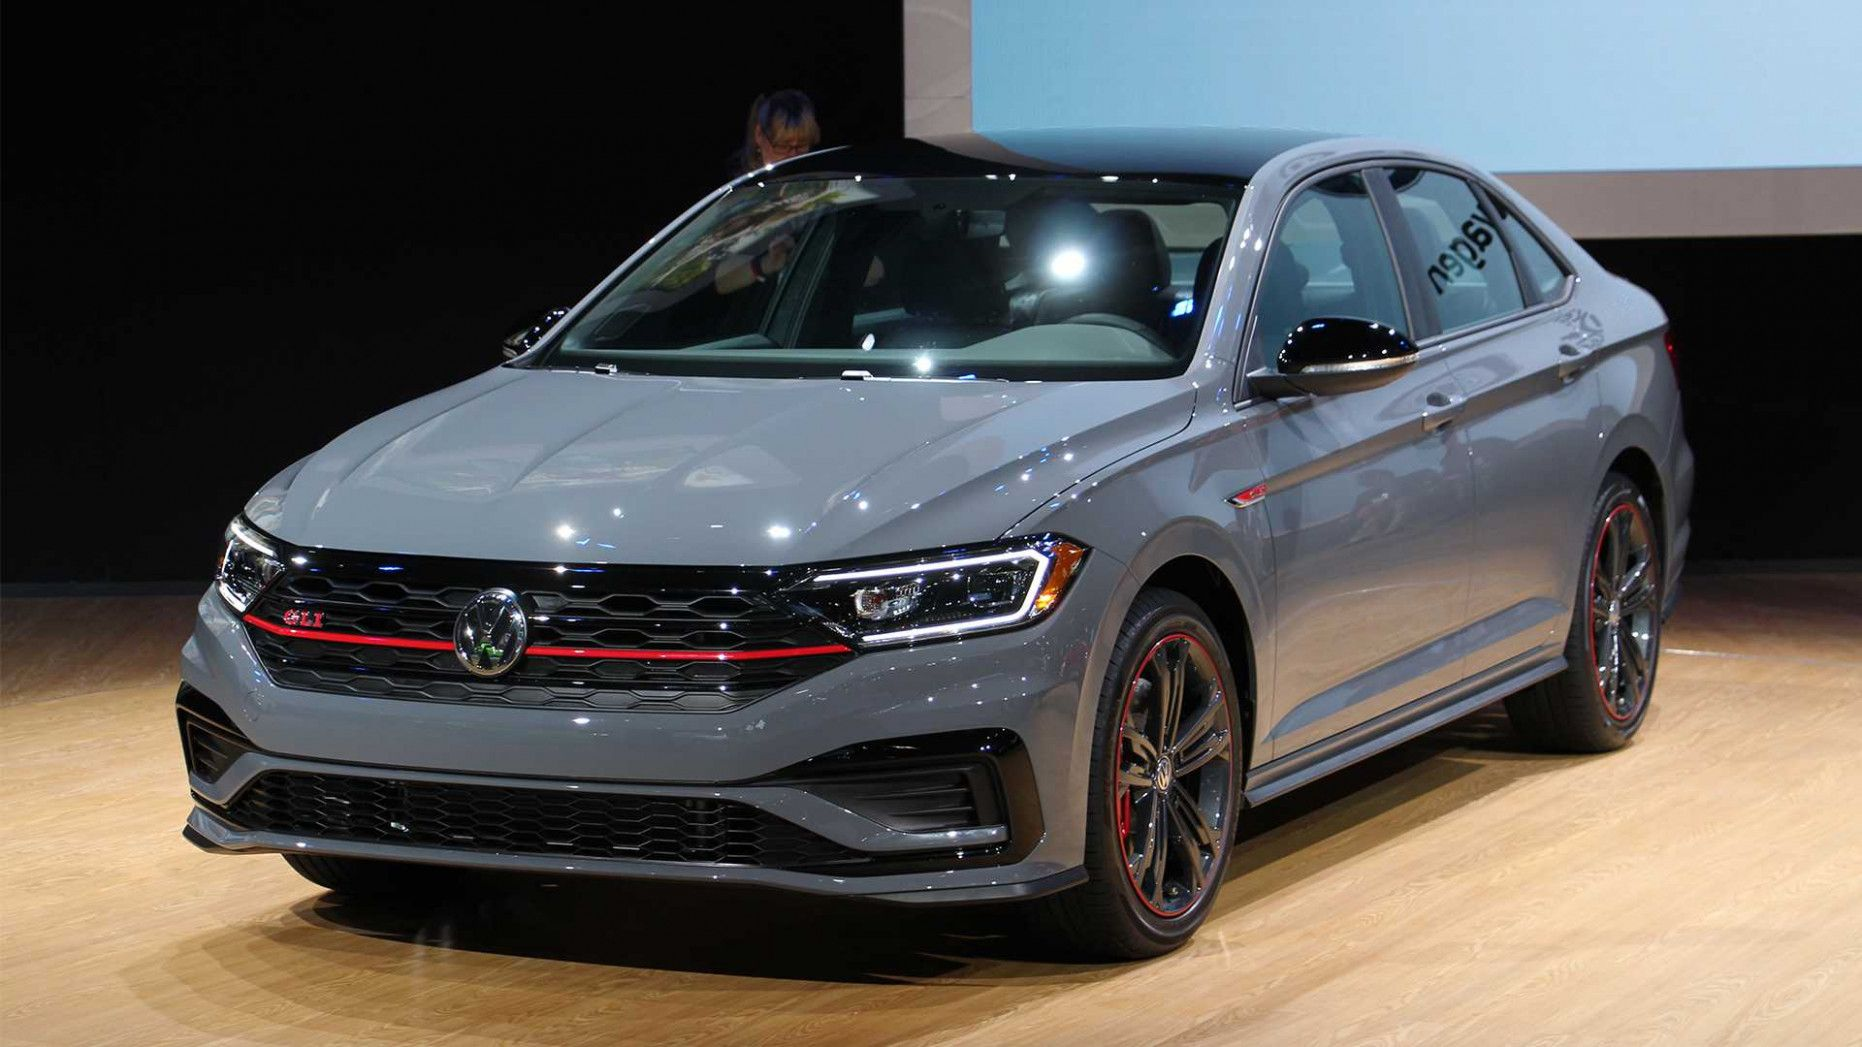 2020 Volkswagen Jetta Gli In 2020 Volkswagen Jetta Jetta Gli Vw Jetta